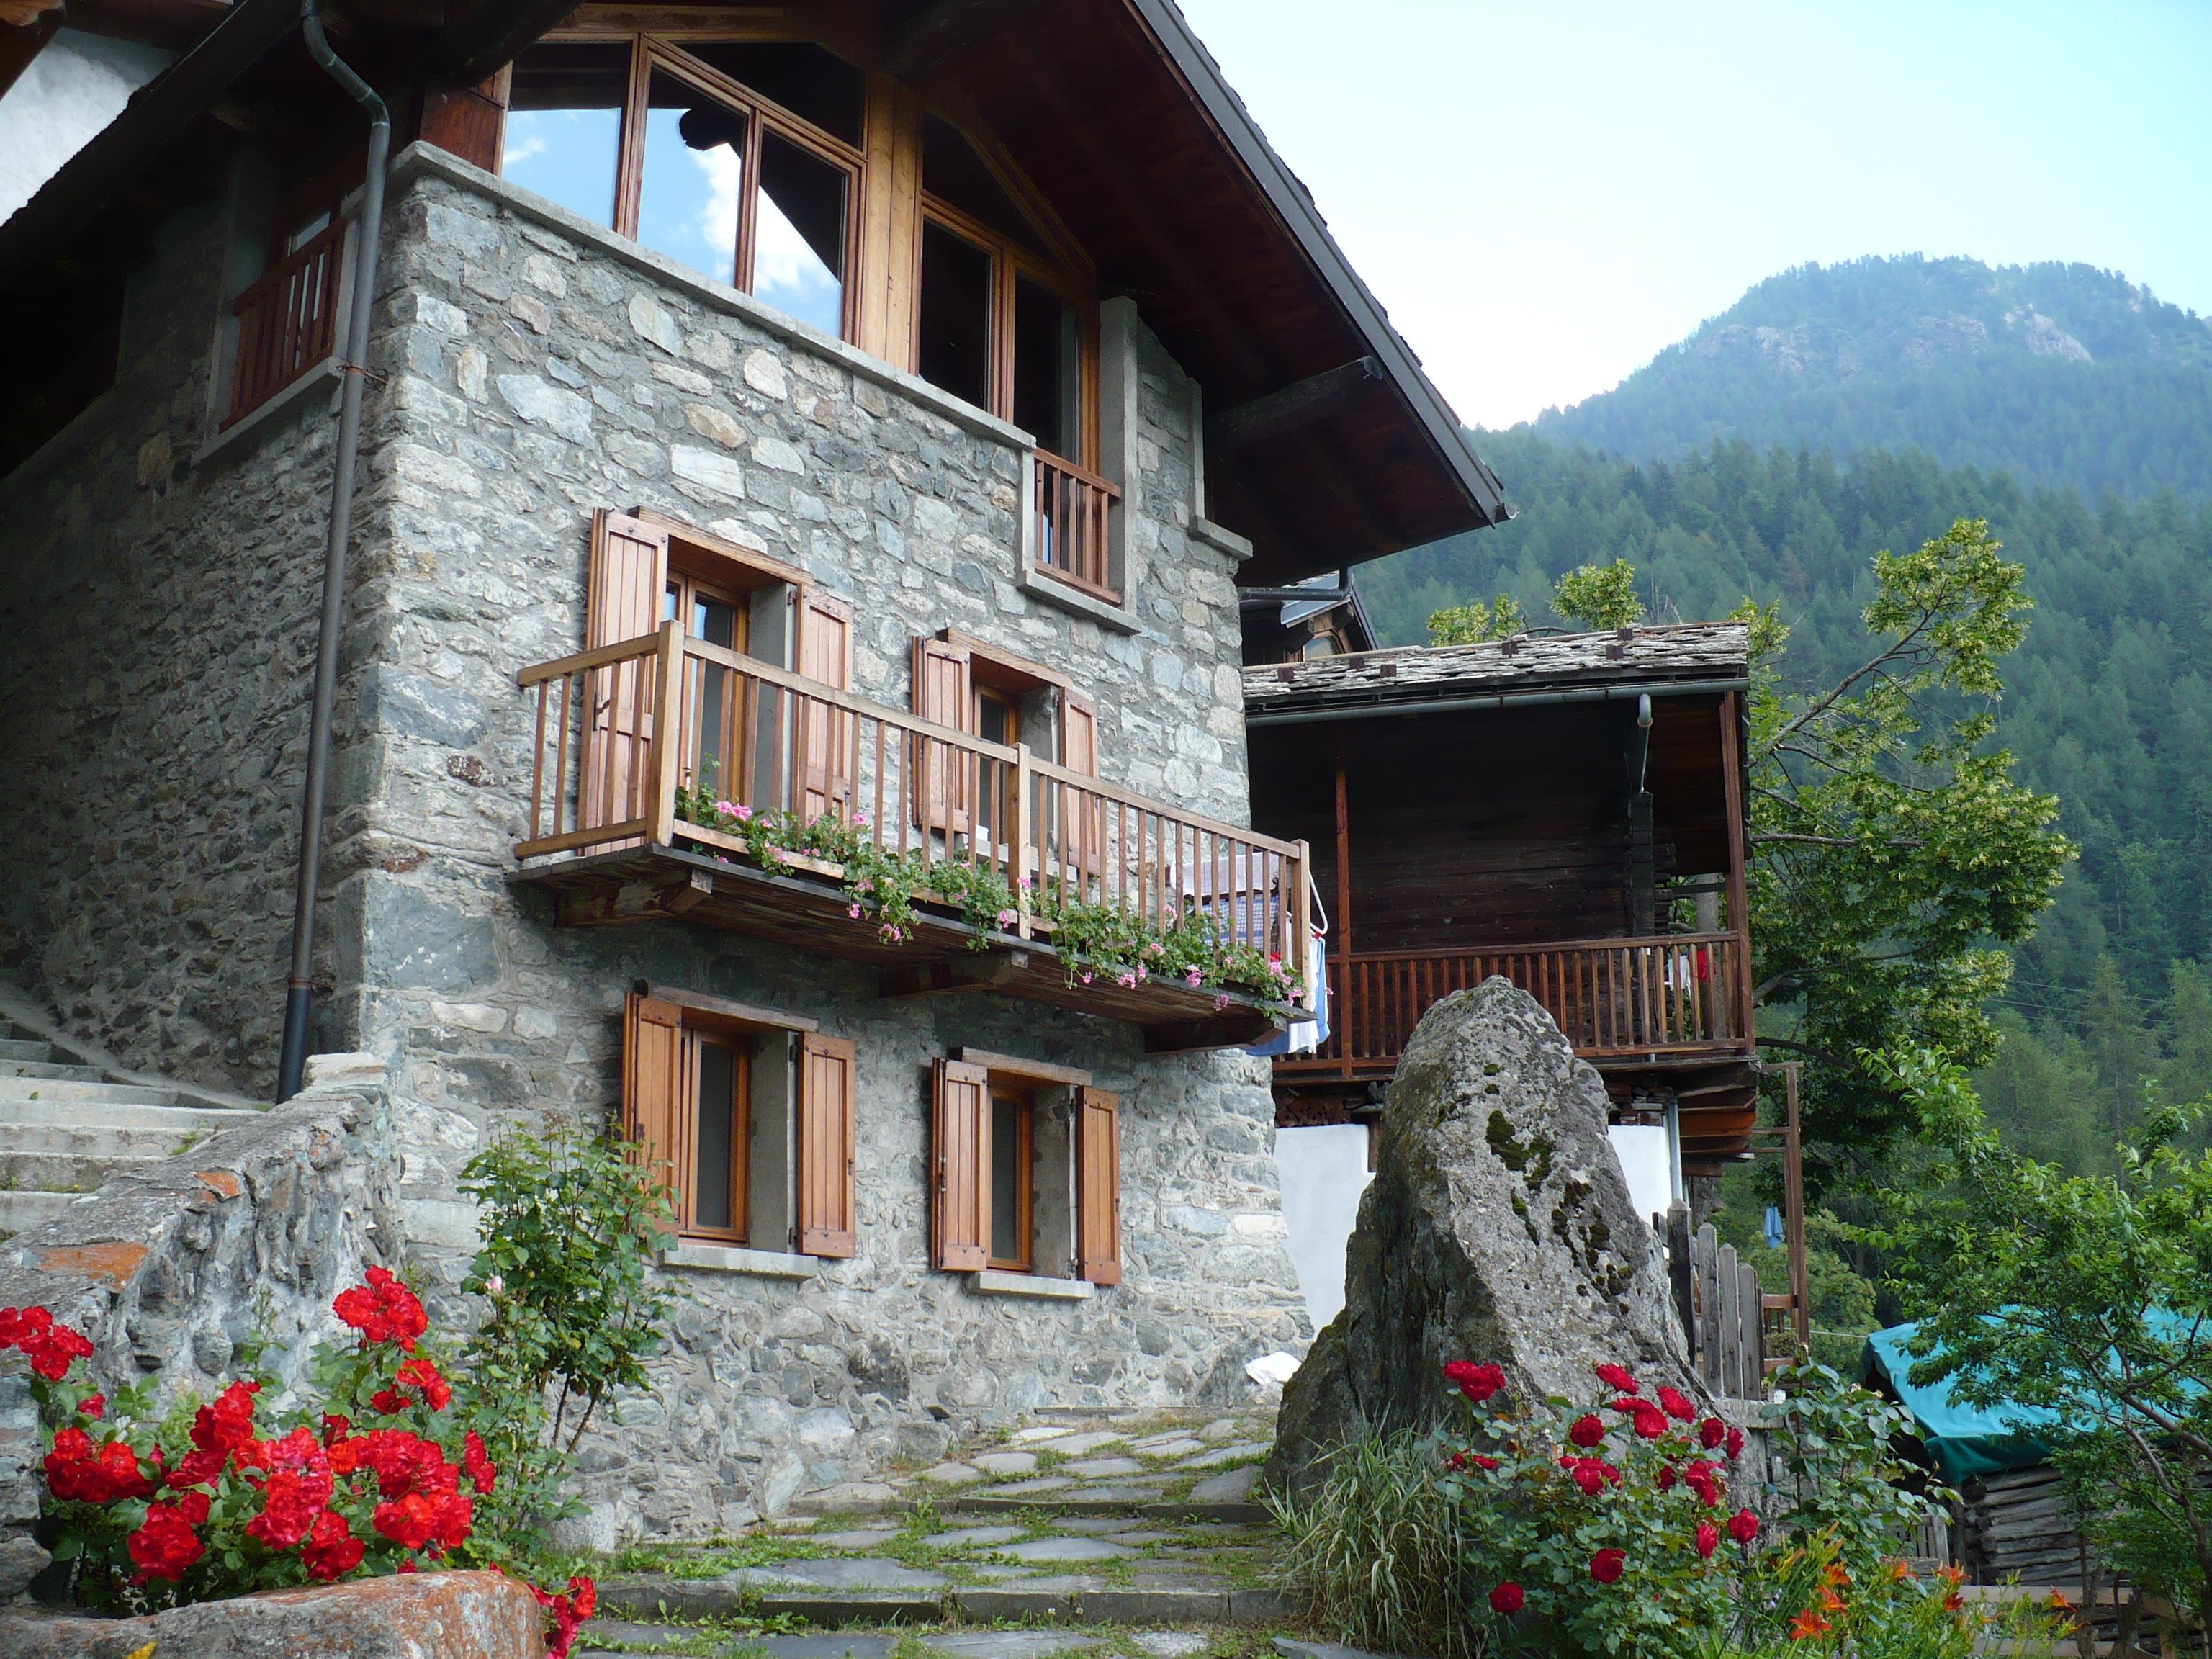 Casa tipica valdostana a Crétaz pron Créta frazione di Valtournenche